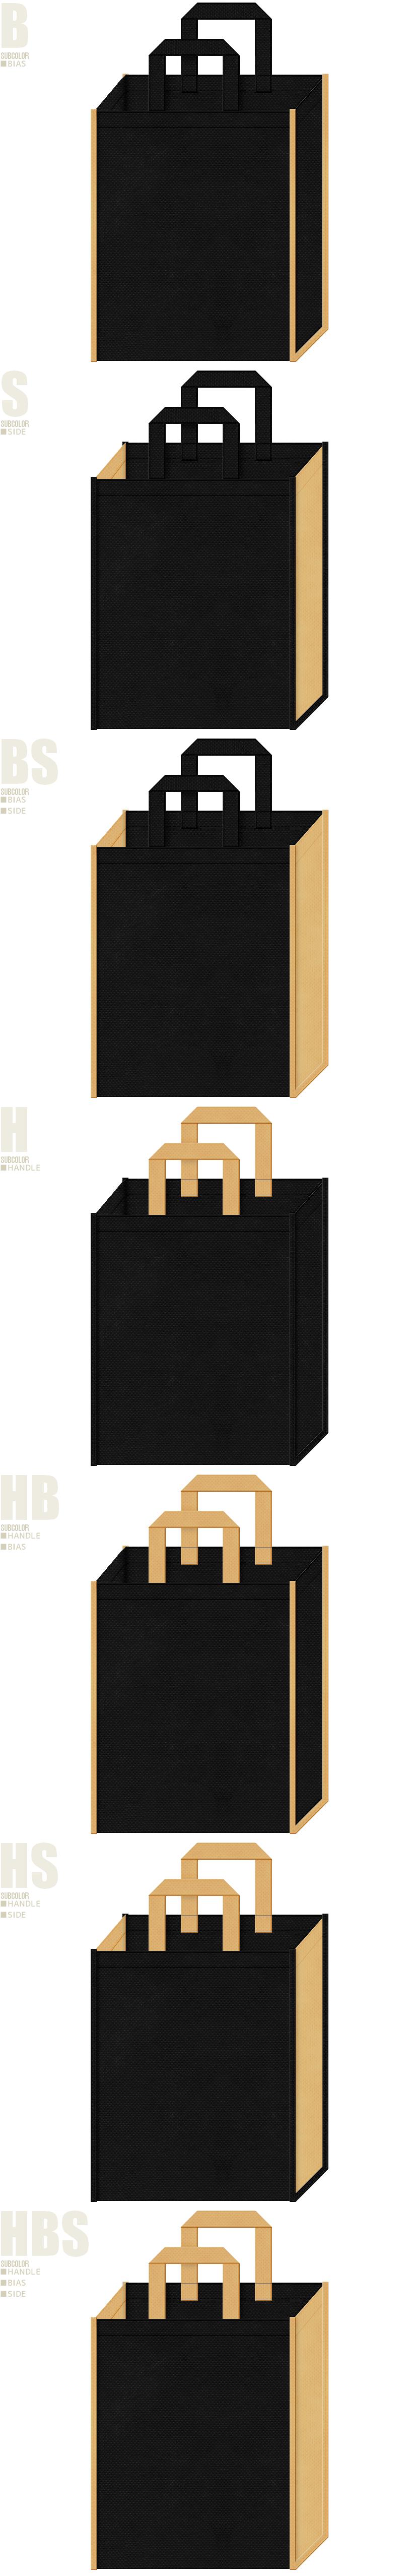 黒色と薄黄土色、7パターンの不織布トートバッグ配色デザイン例。お城イベント・ゲーム・時代劇のバッグノベルティにお奨めです。